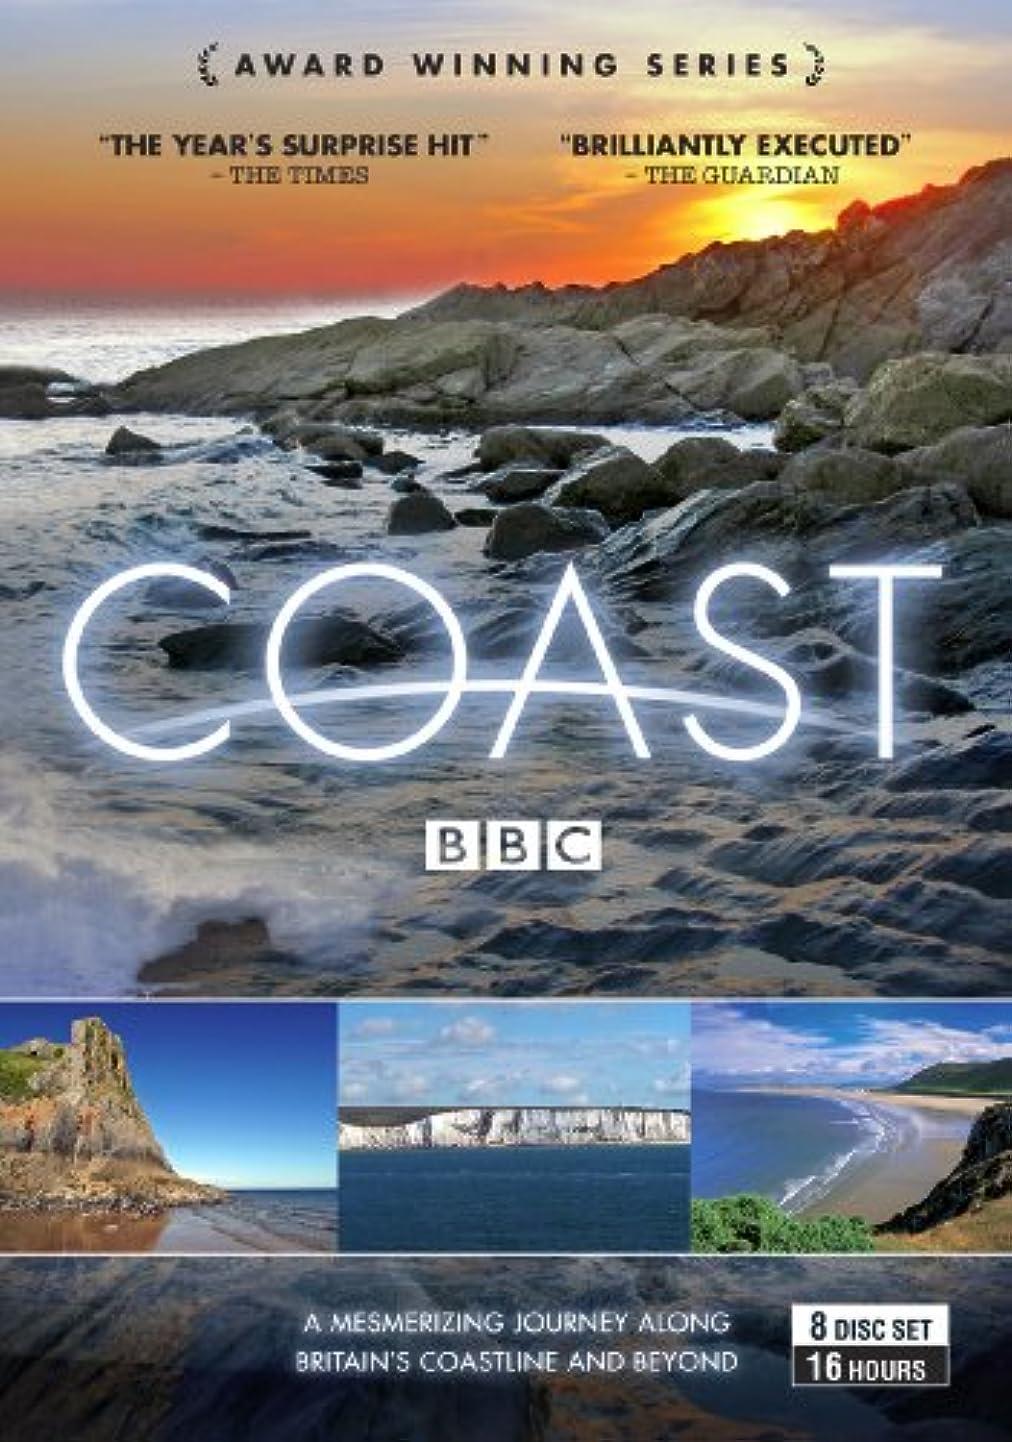 ブリード閉じ込める顔料Coast [DVD] [Import]